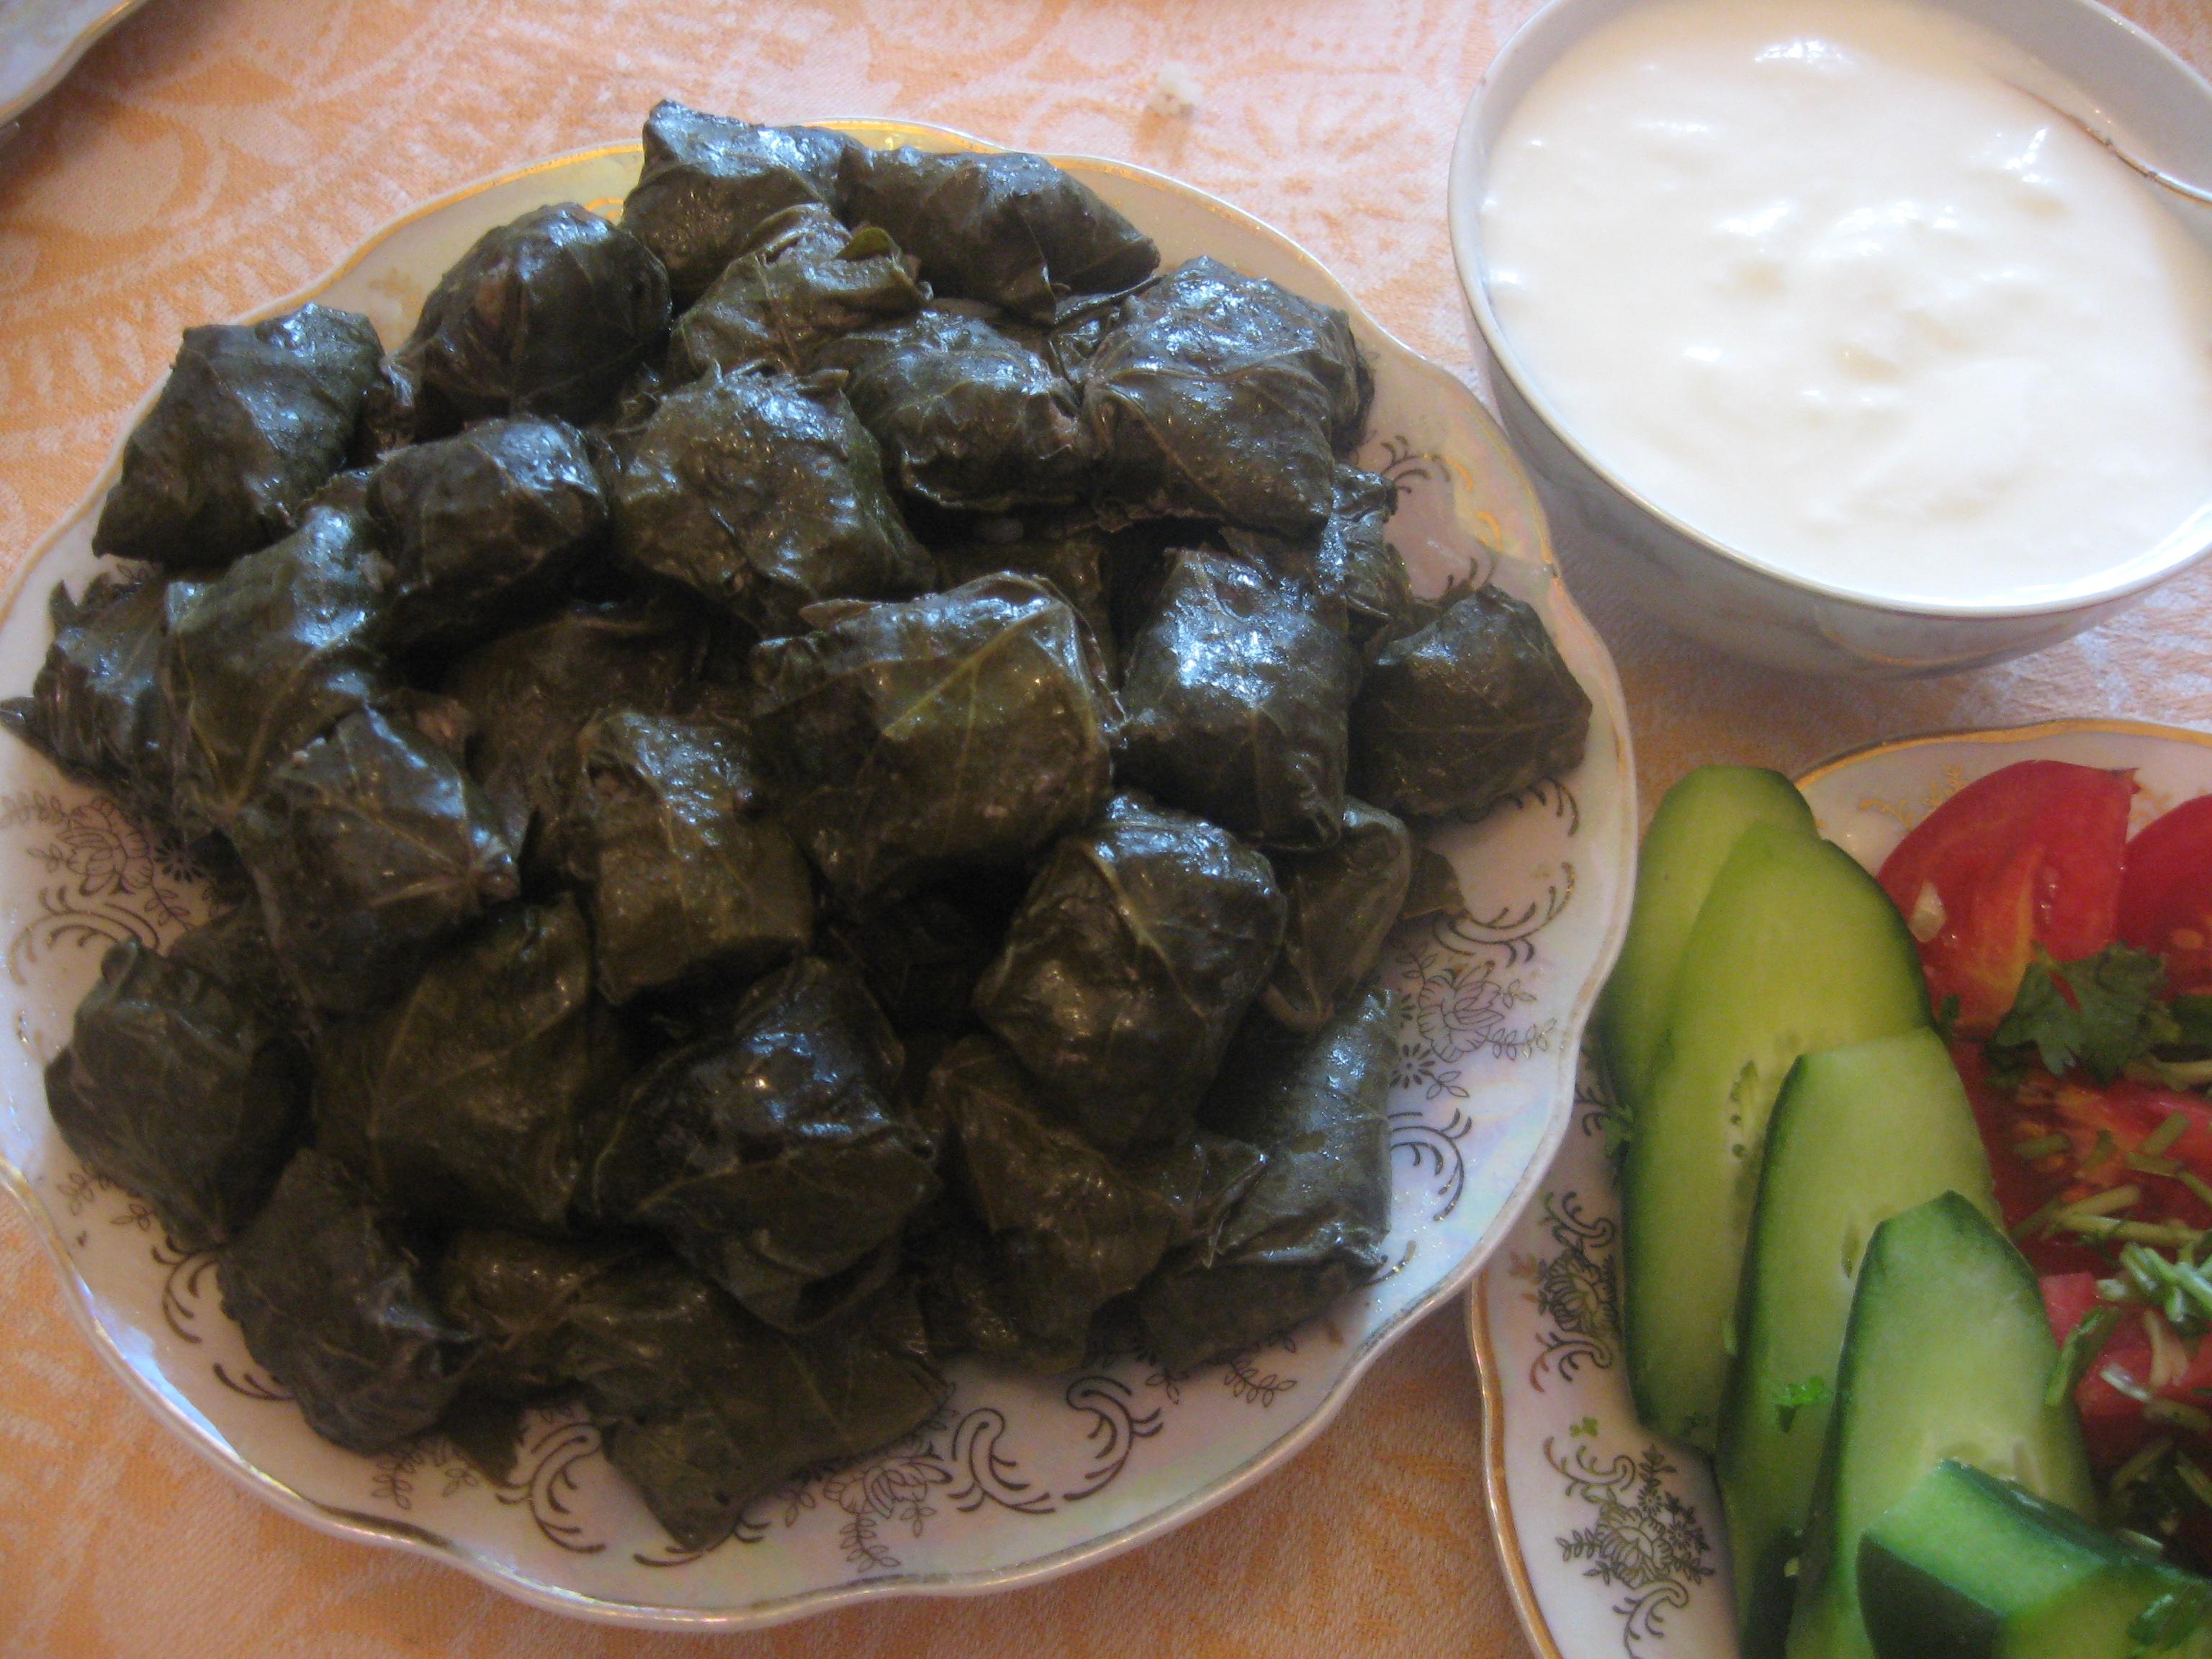 ... dolma azerbaijani georgian dolmas azerbaijani cuisine dolma dolma